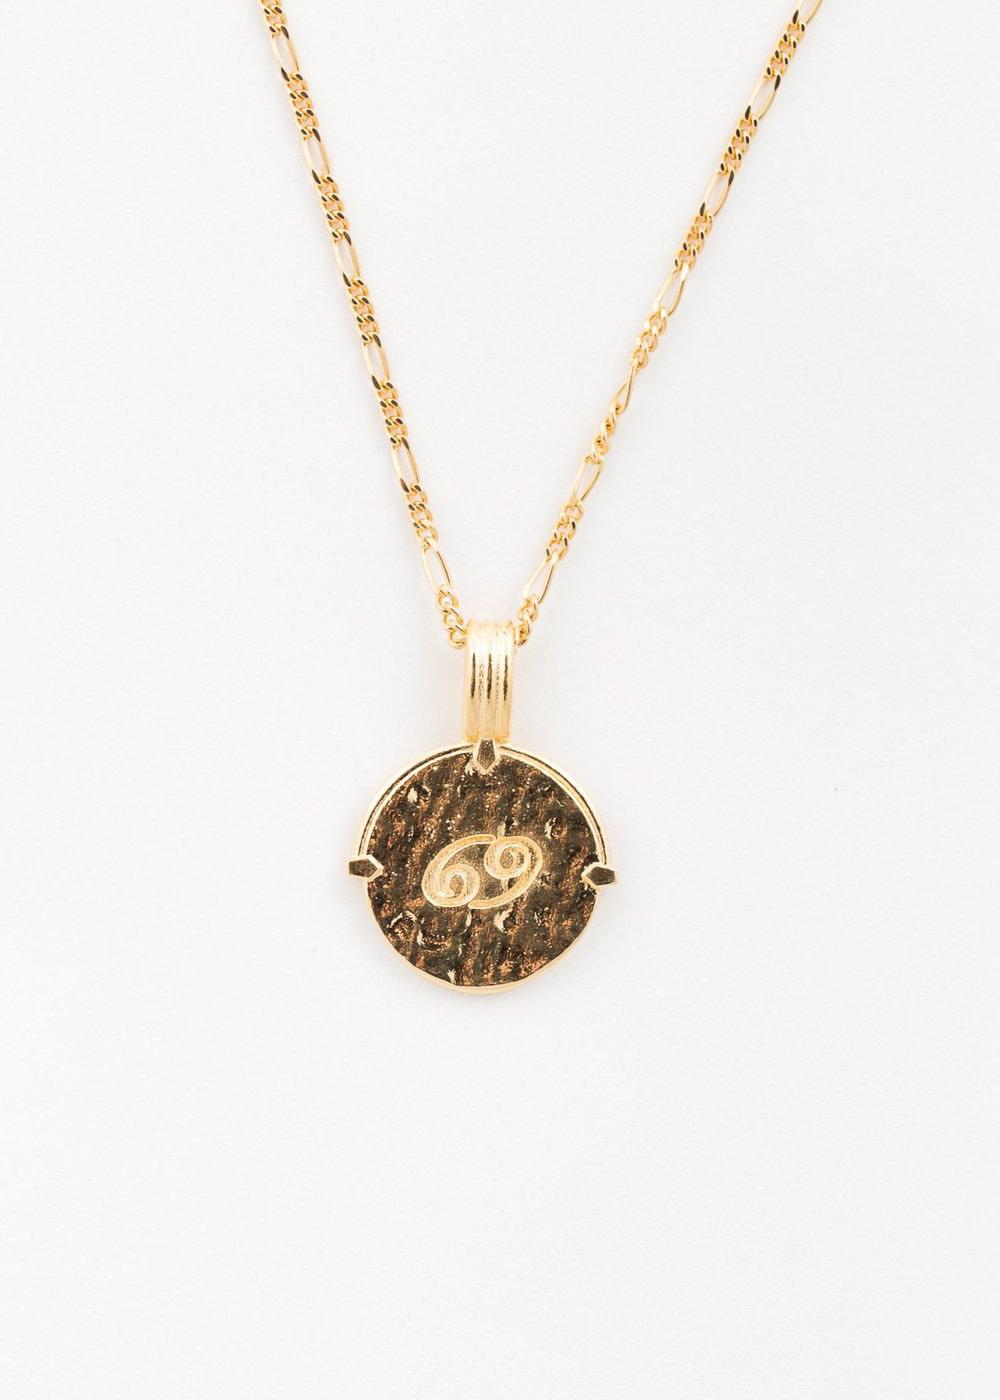 DEUX LIONS Cancer necklace